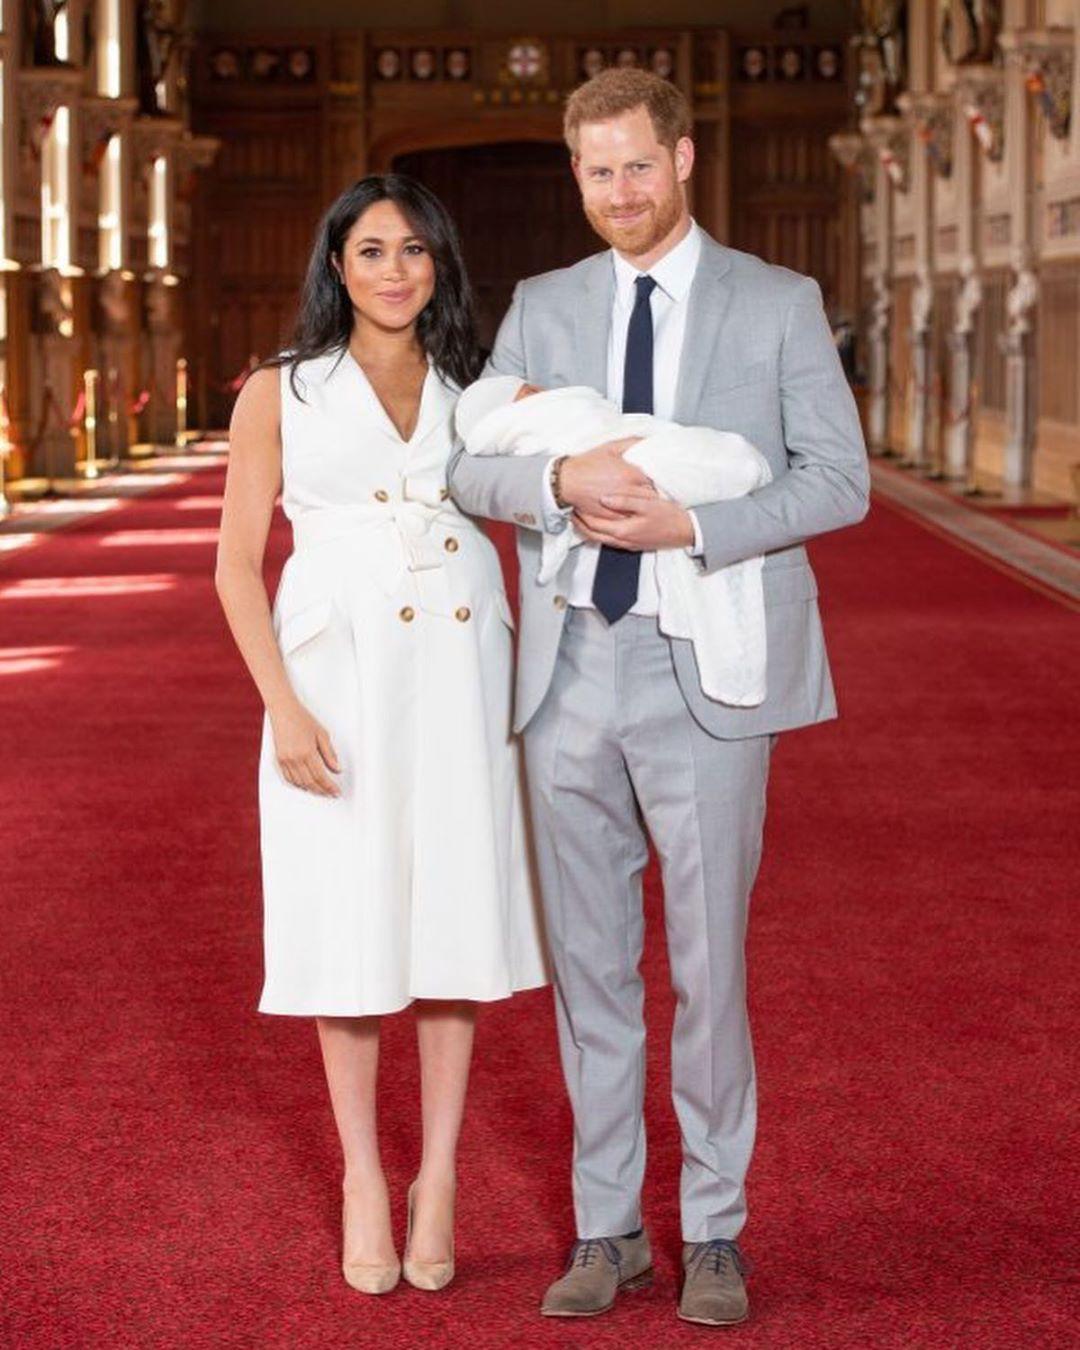 Style lộ diện sau sinh của 2 nàng dâu Hoàng gia: Chị chọn váy suông giấu dáng, em chẳng ngại mặc váy thắt eo nhưng lạ ở chỗ là cùng đi 1 kiểu giày - Ảnh 1.